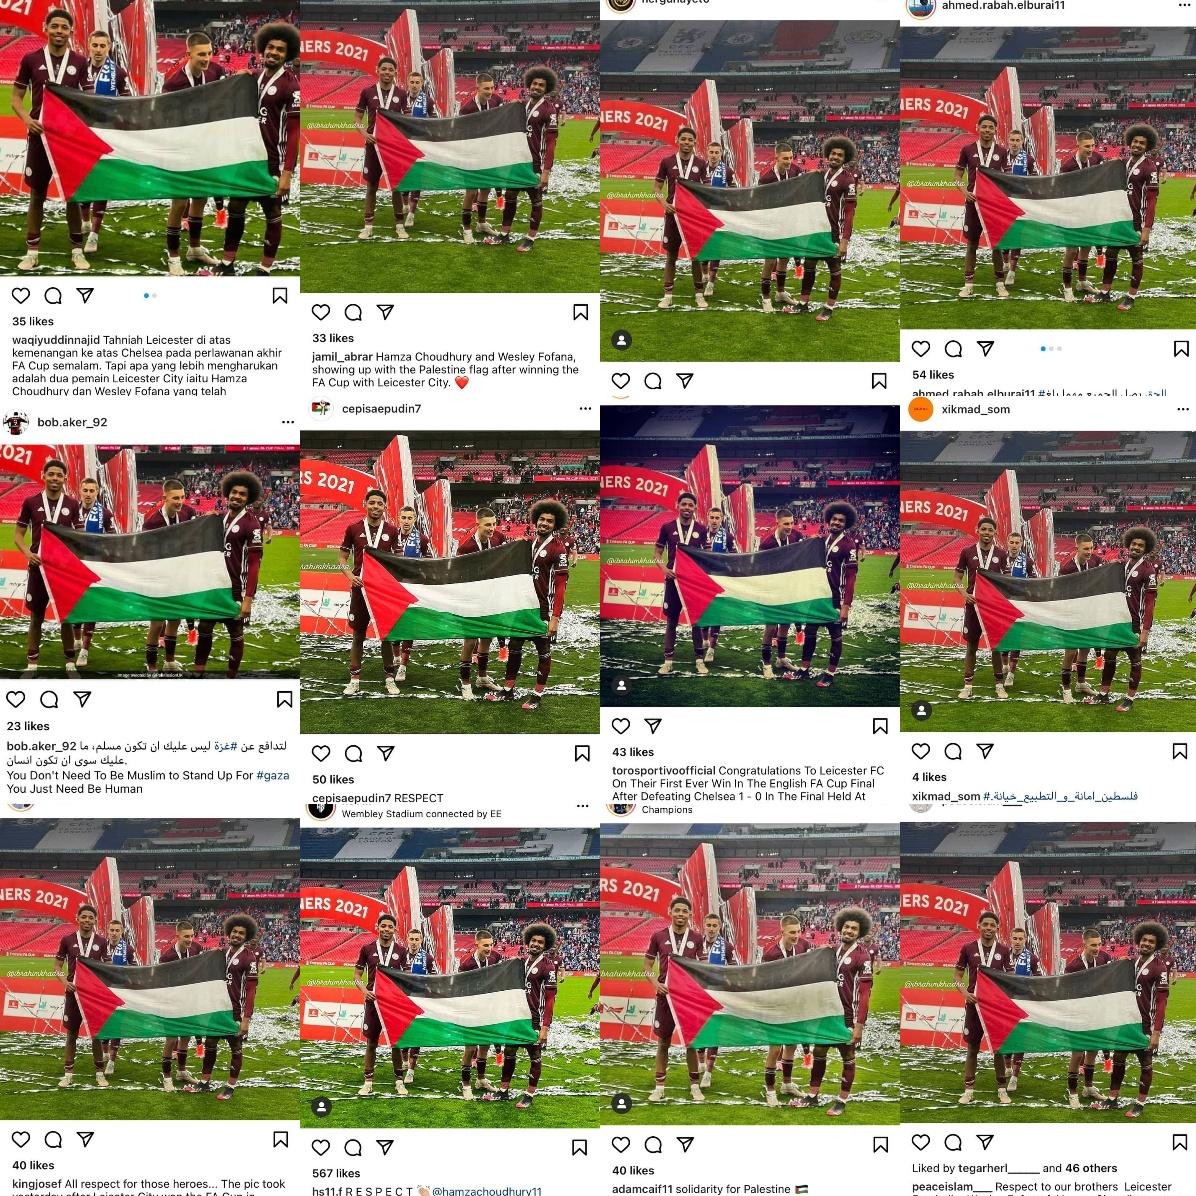 واکنش رسانه ها به حمایت بازیکنان مسلمان از فلسطین در فینال جام حذفی انگلیس